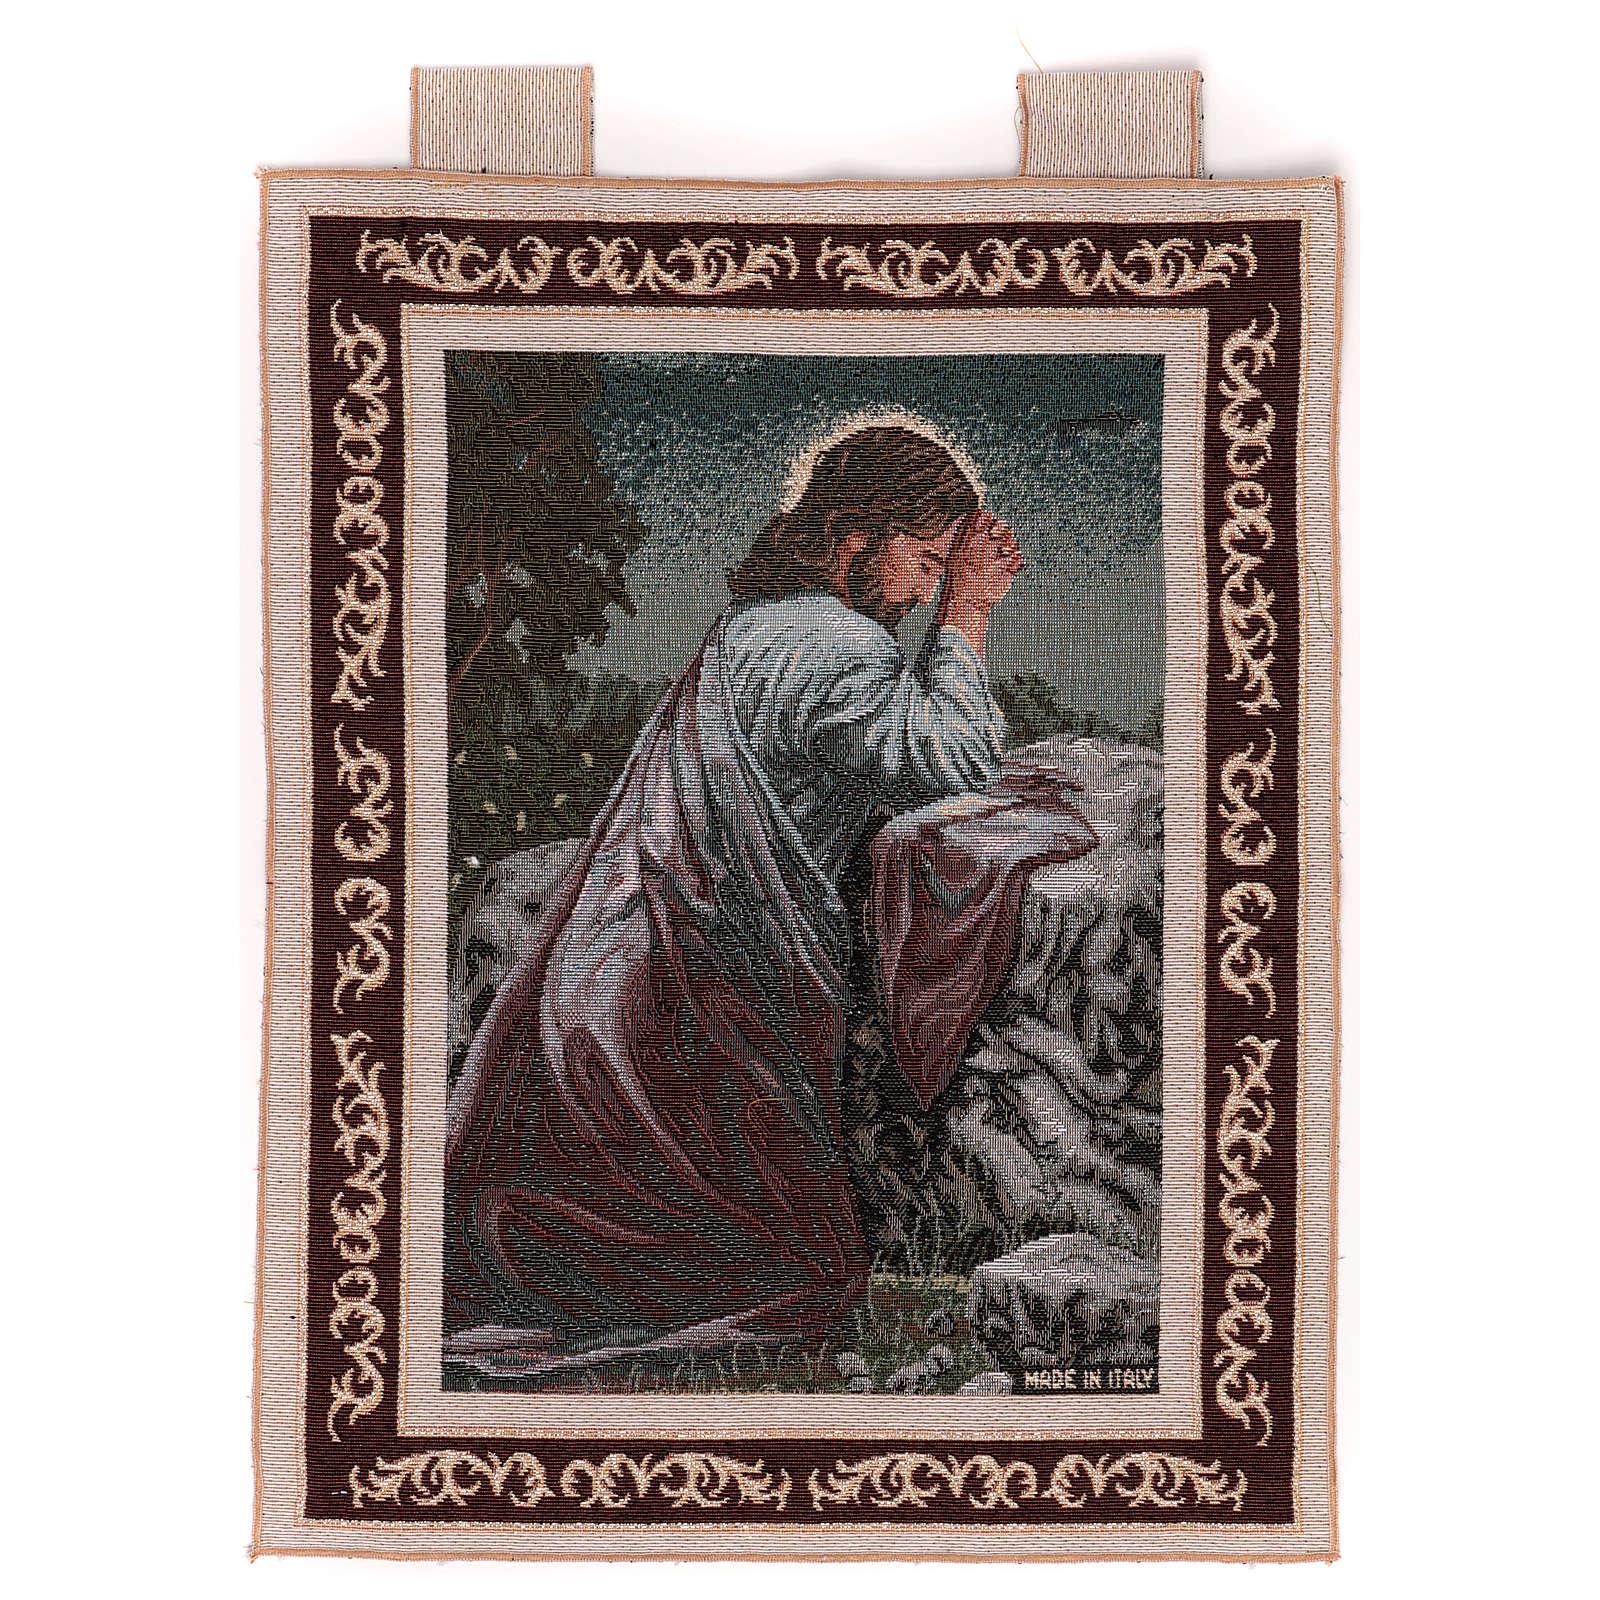 Wandteppich Christus im Garten Gethsemane, mit Rahmen und Schlaufen 50x40 cm 3